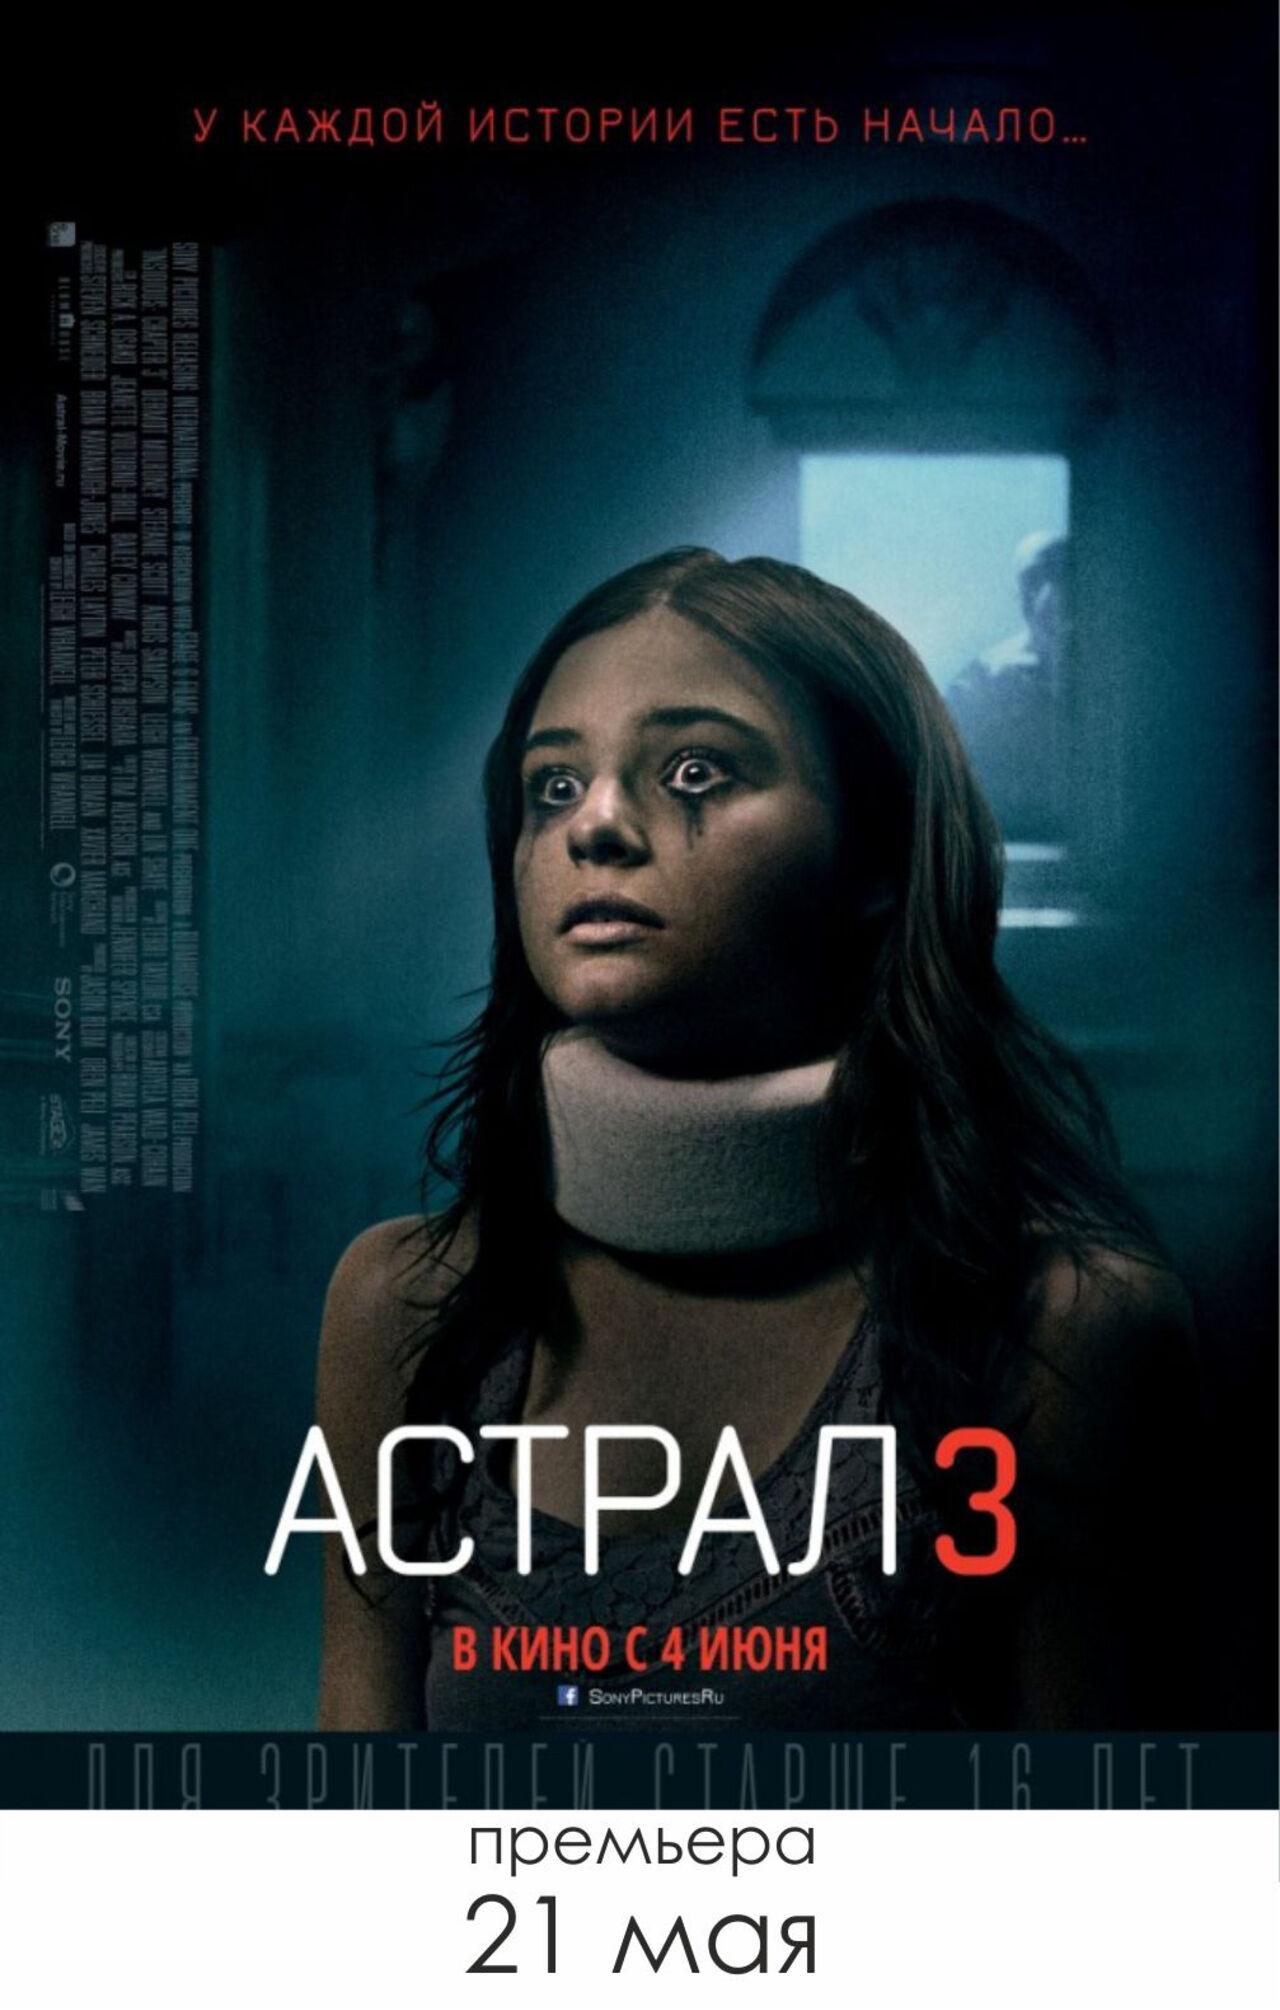 фильмы лета 2012 список: